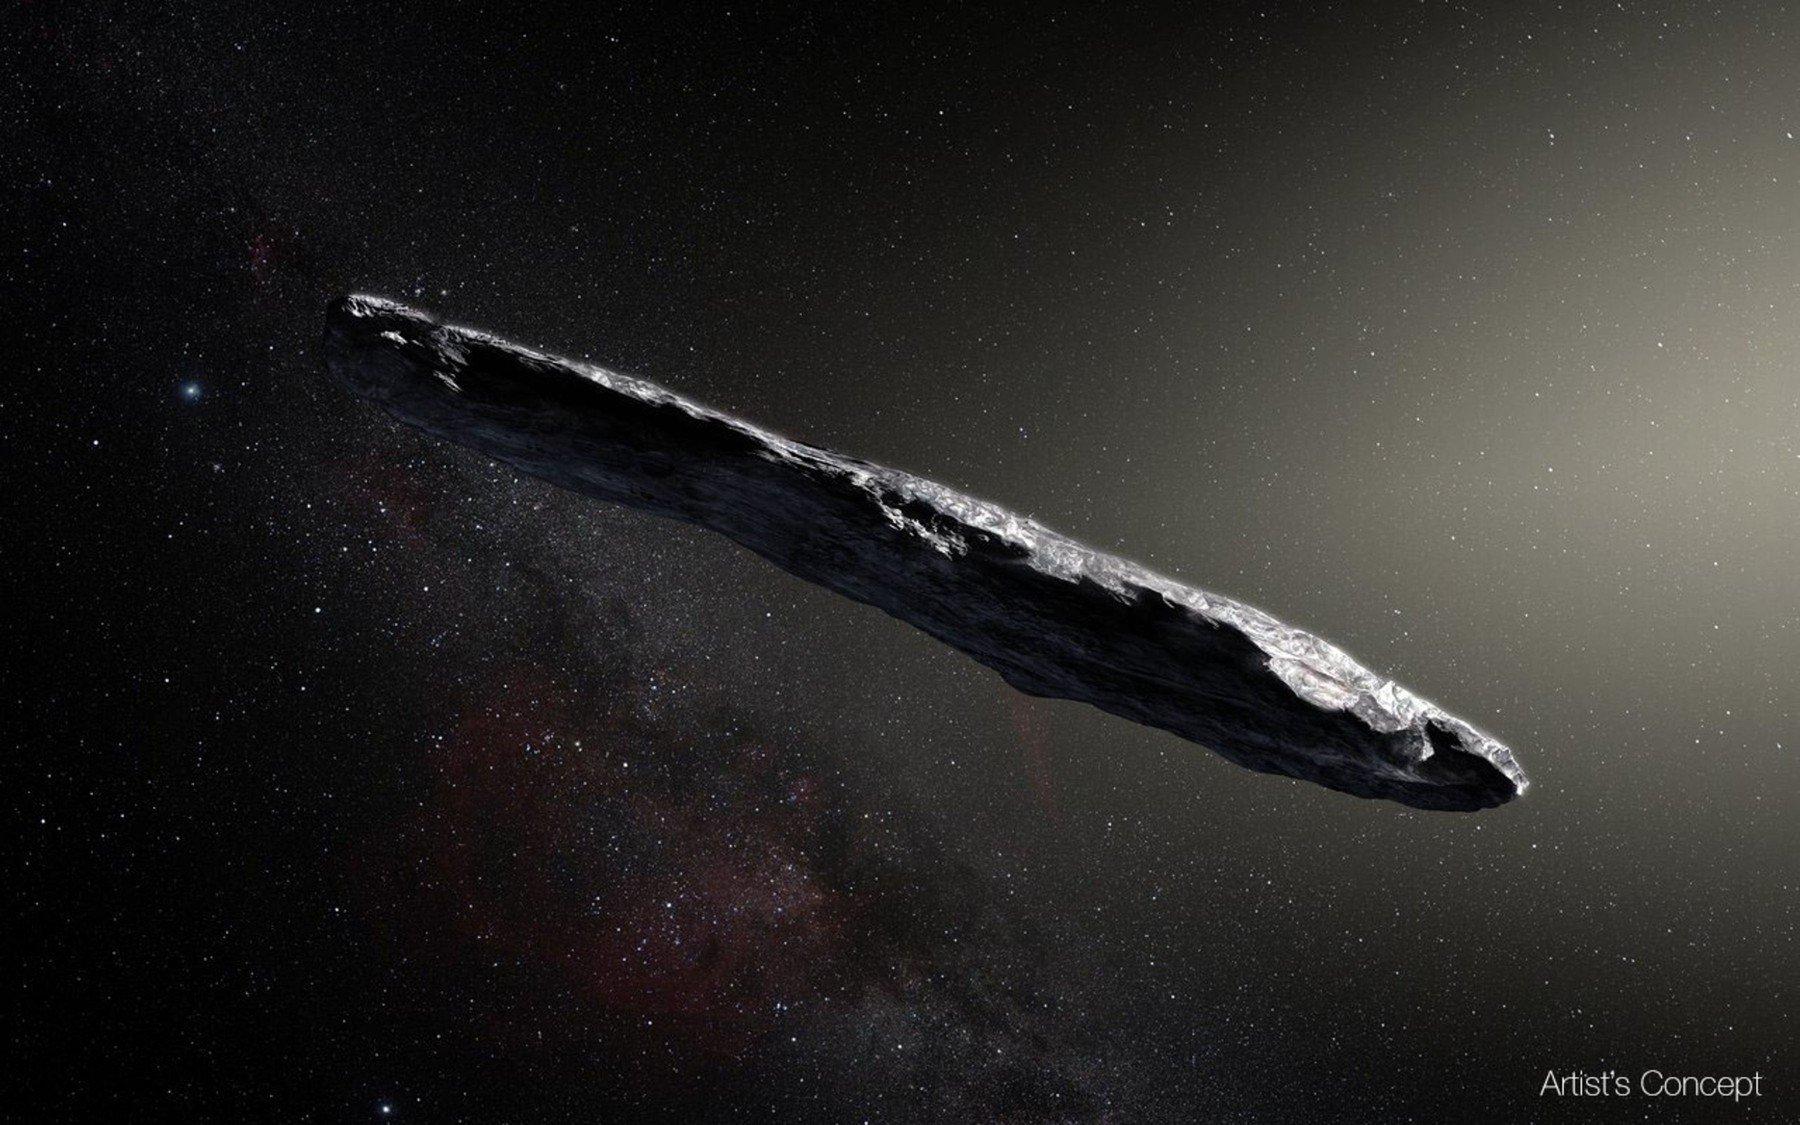 Ilustracija: Asteroid Oumuamua